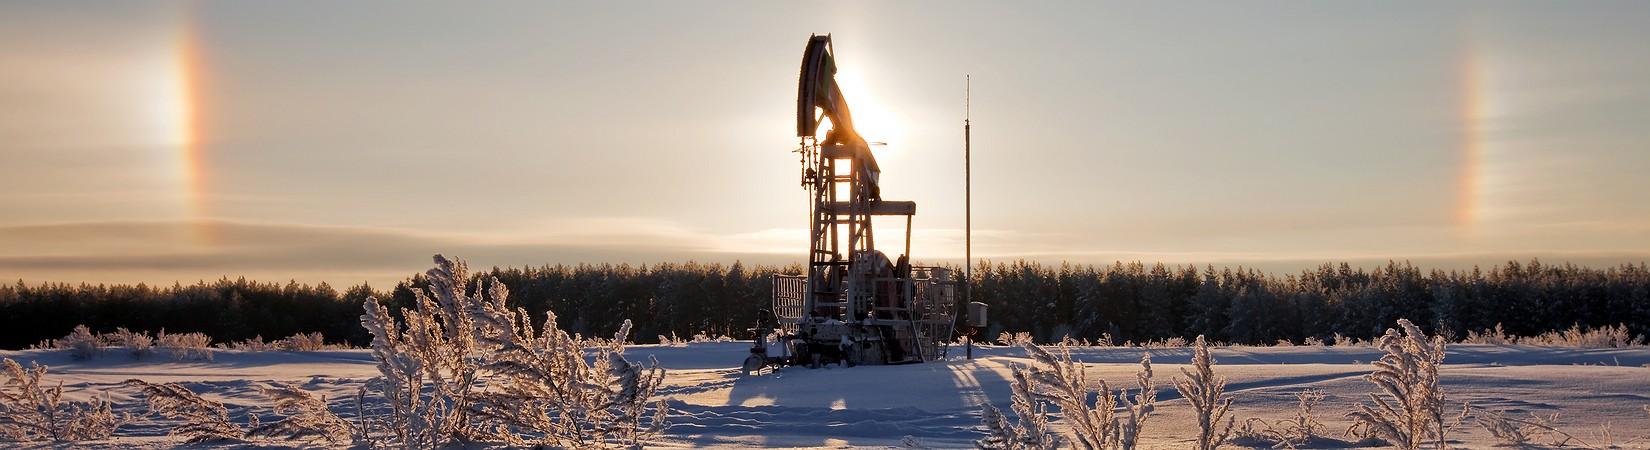 Rusia ha indicado que no recortará la producción de petróleo